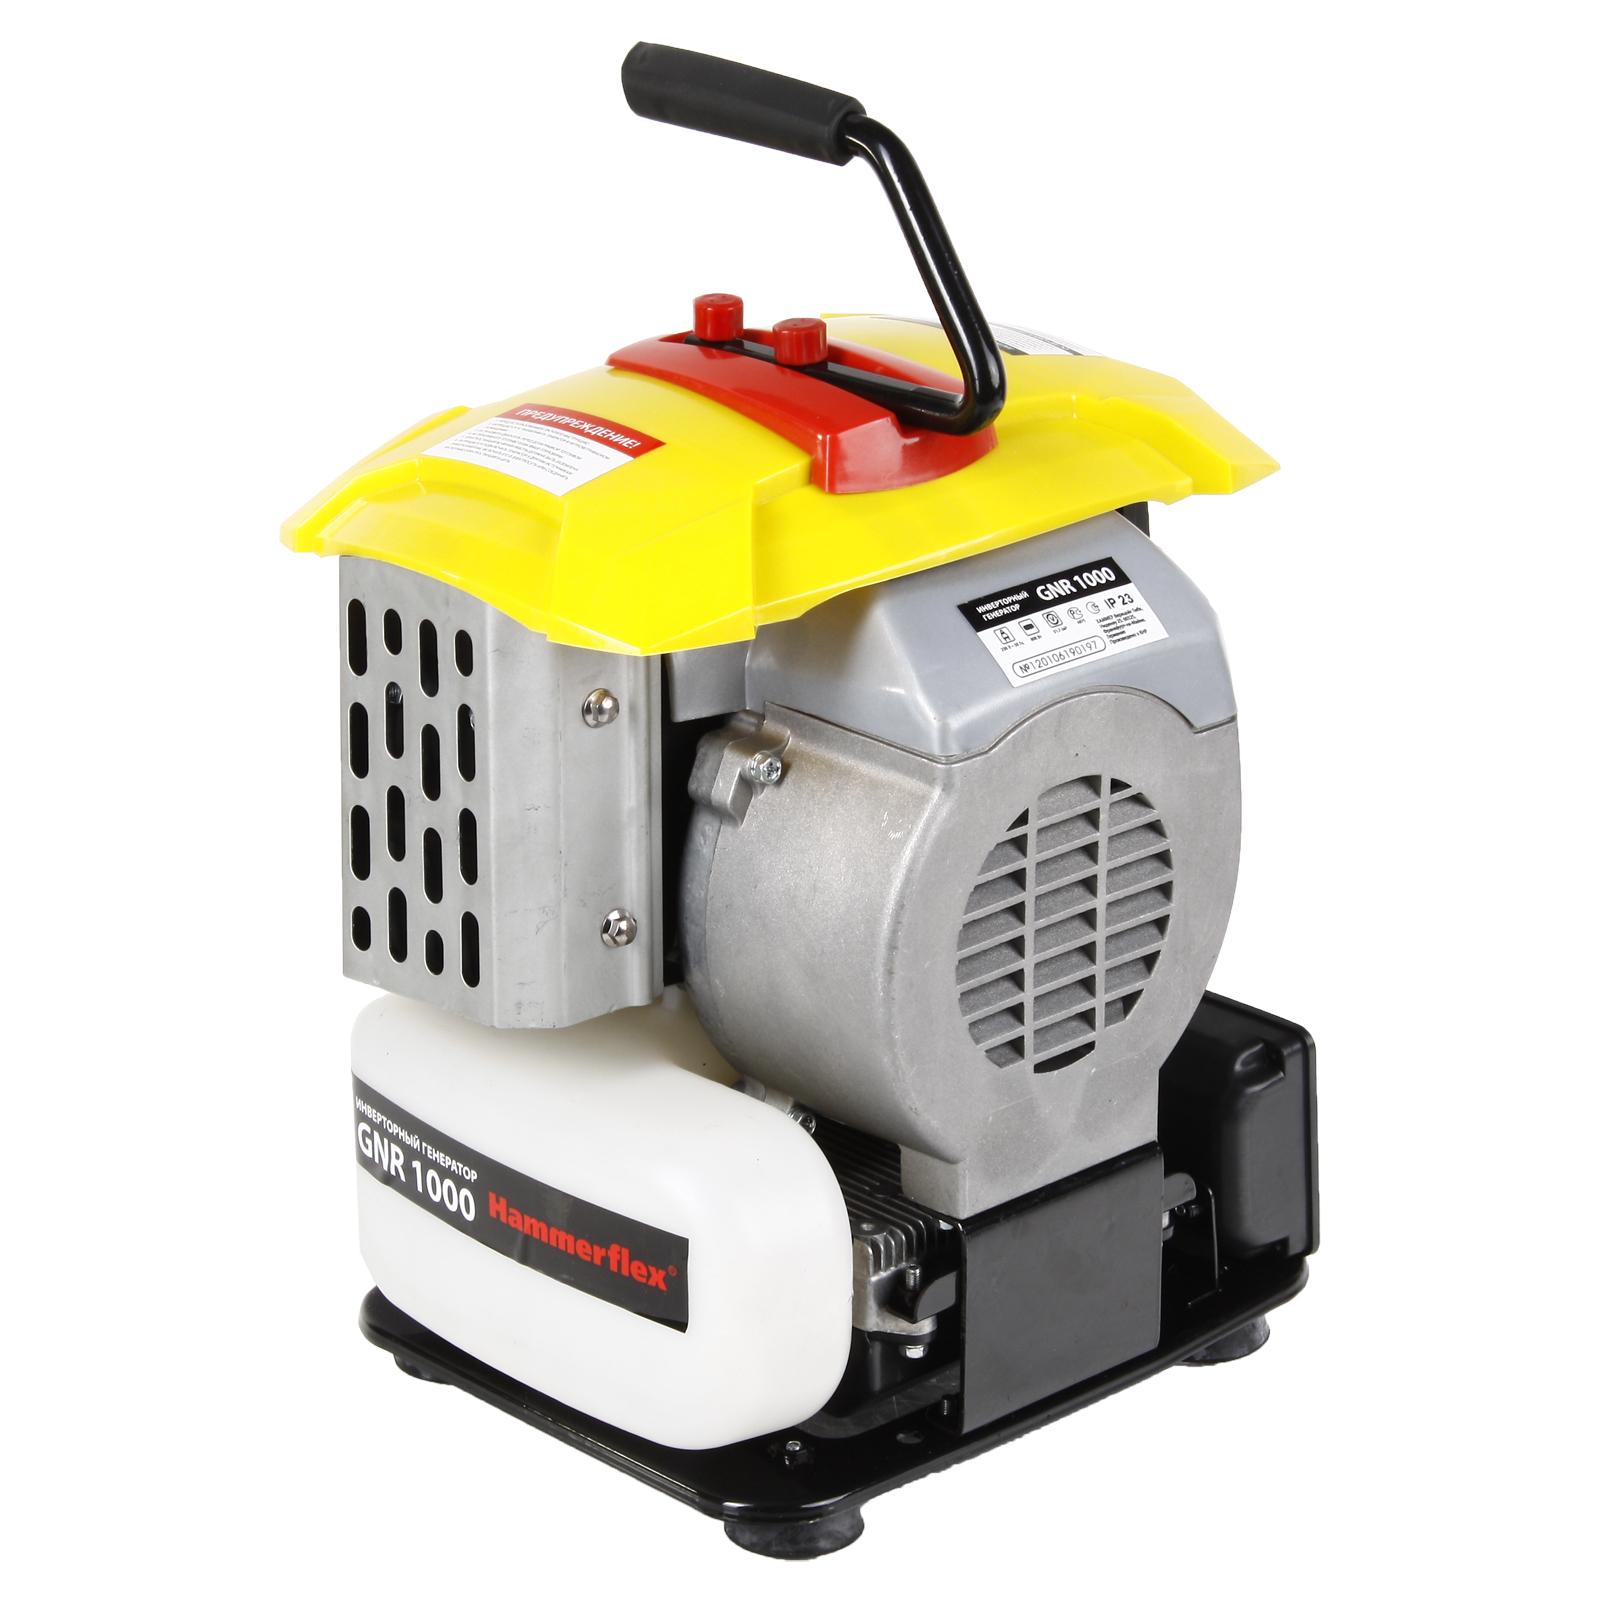 Бензиновый инверторный генератор Hammer Gnr1000 генератор инверторный бензиновый et 3600i etalon